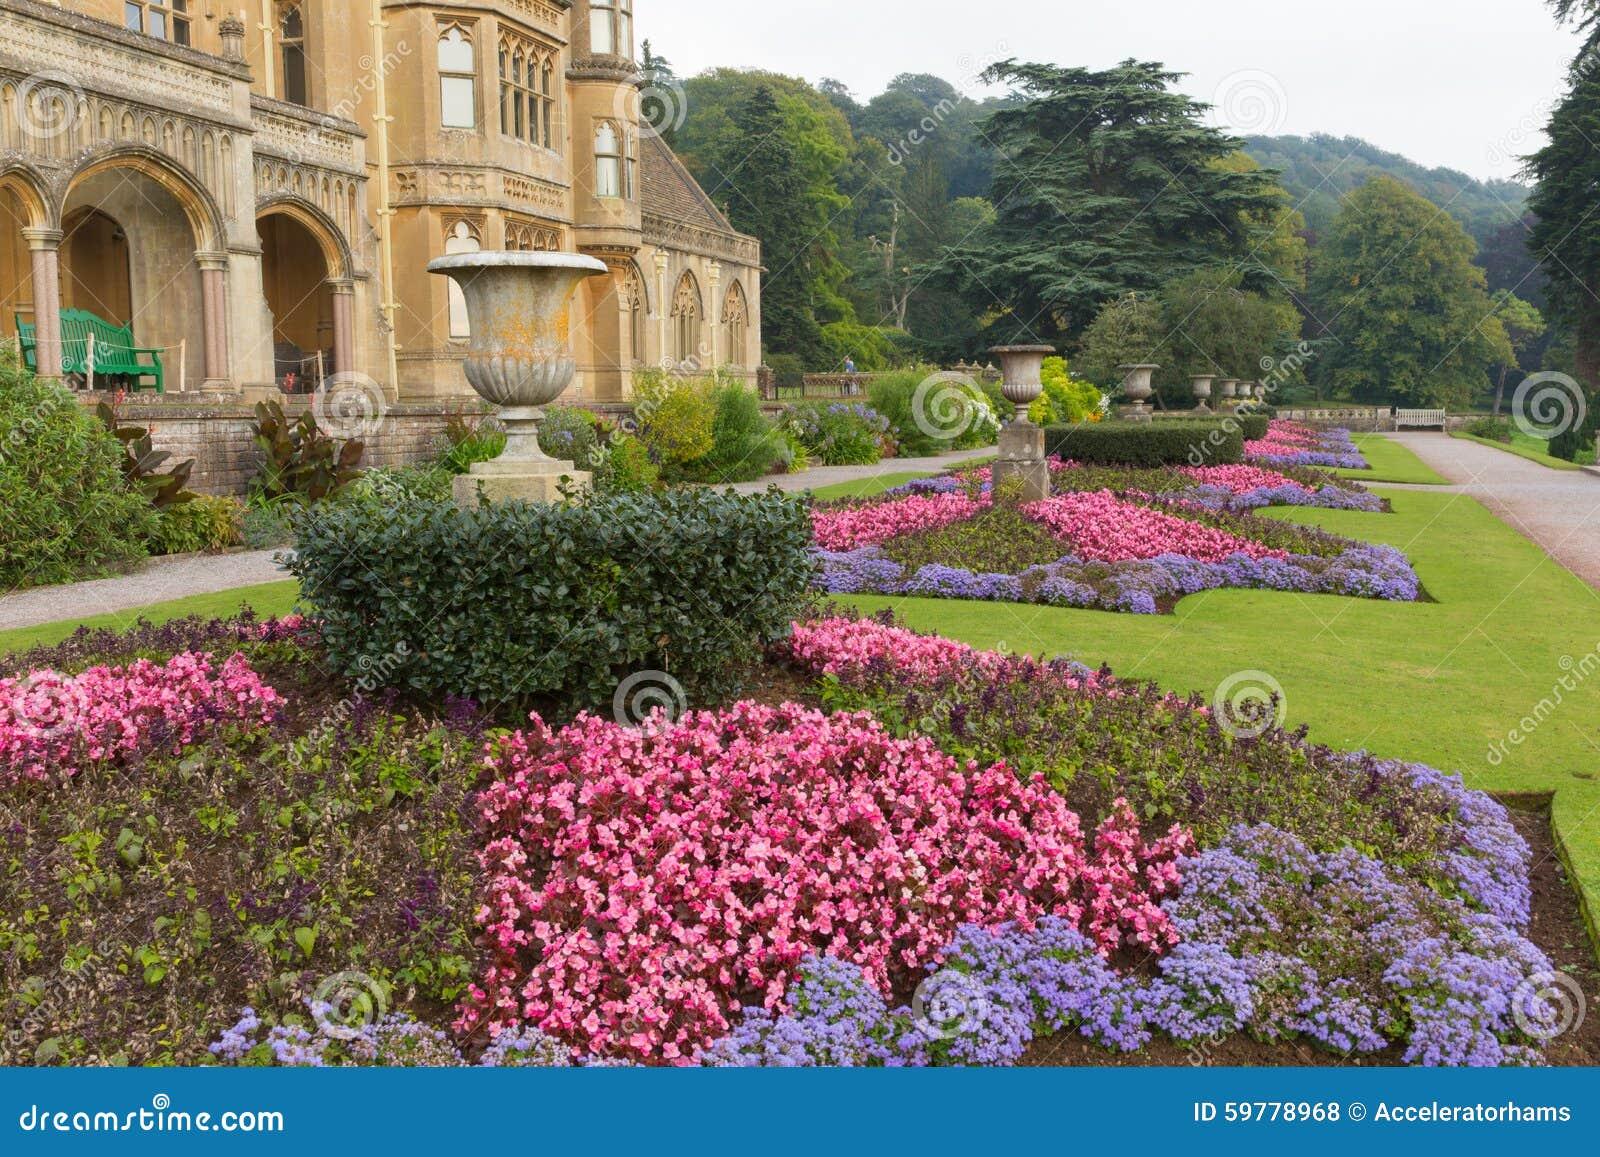 Casas con jardines bonitos ideas de disenos - Casas con jardines bonitos ...